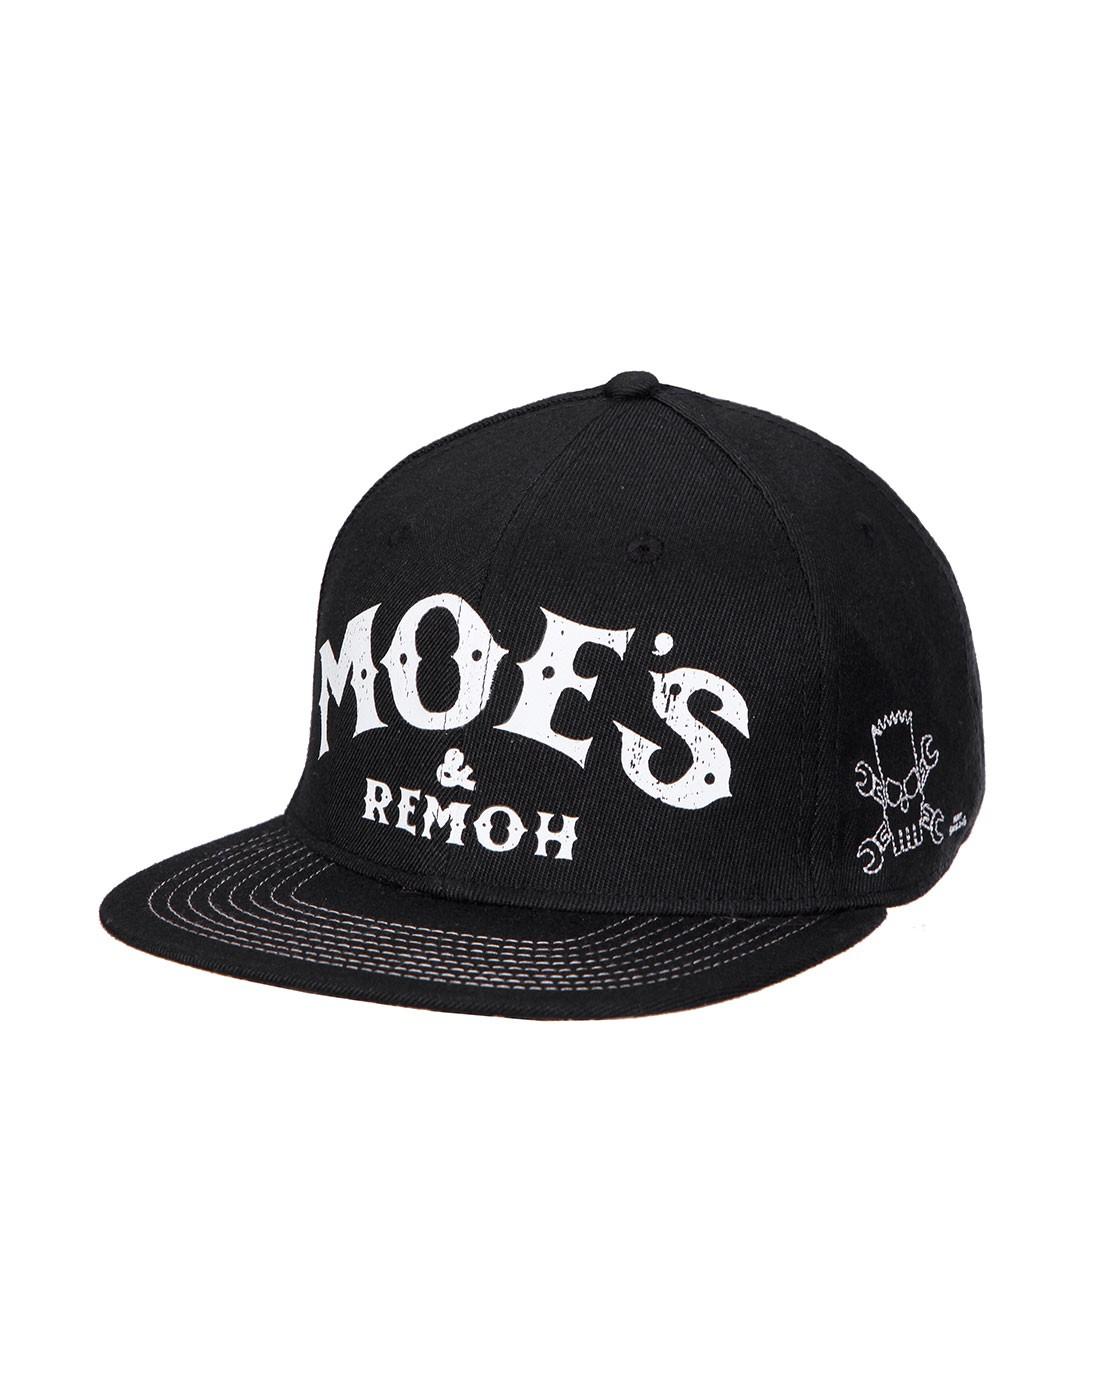 印花 中性黑色帽子 情侣帽